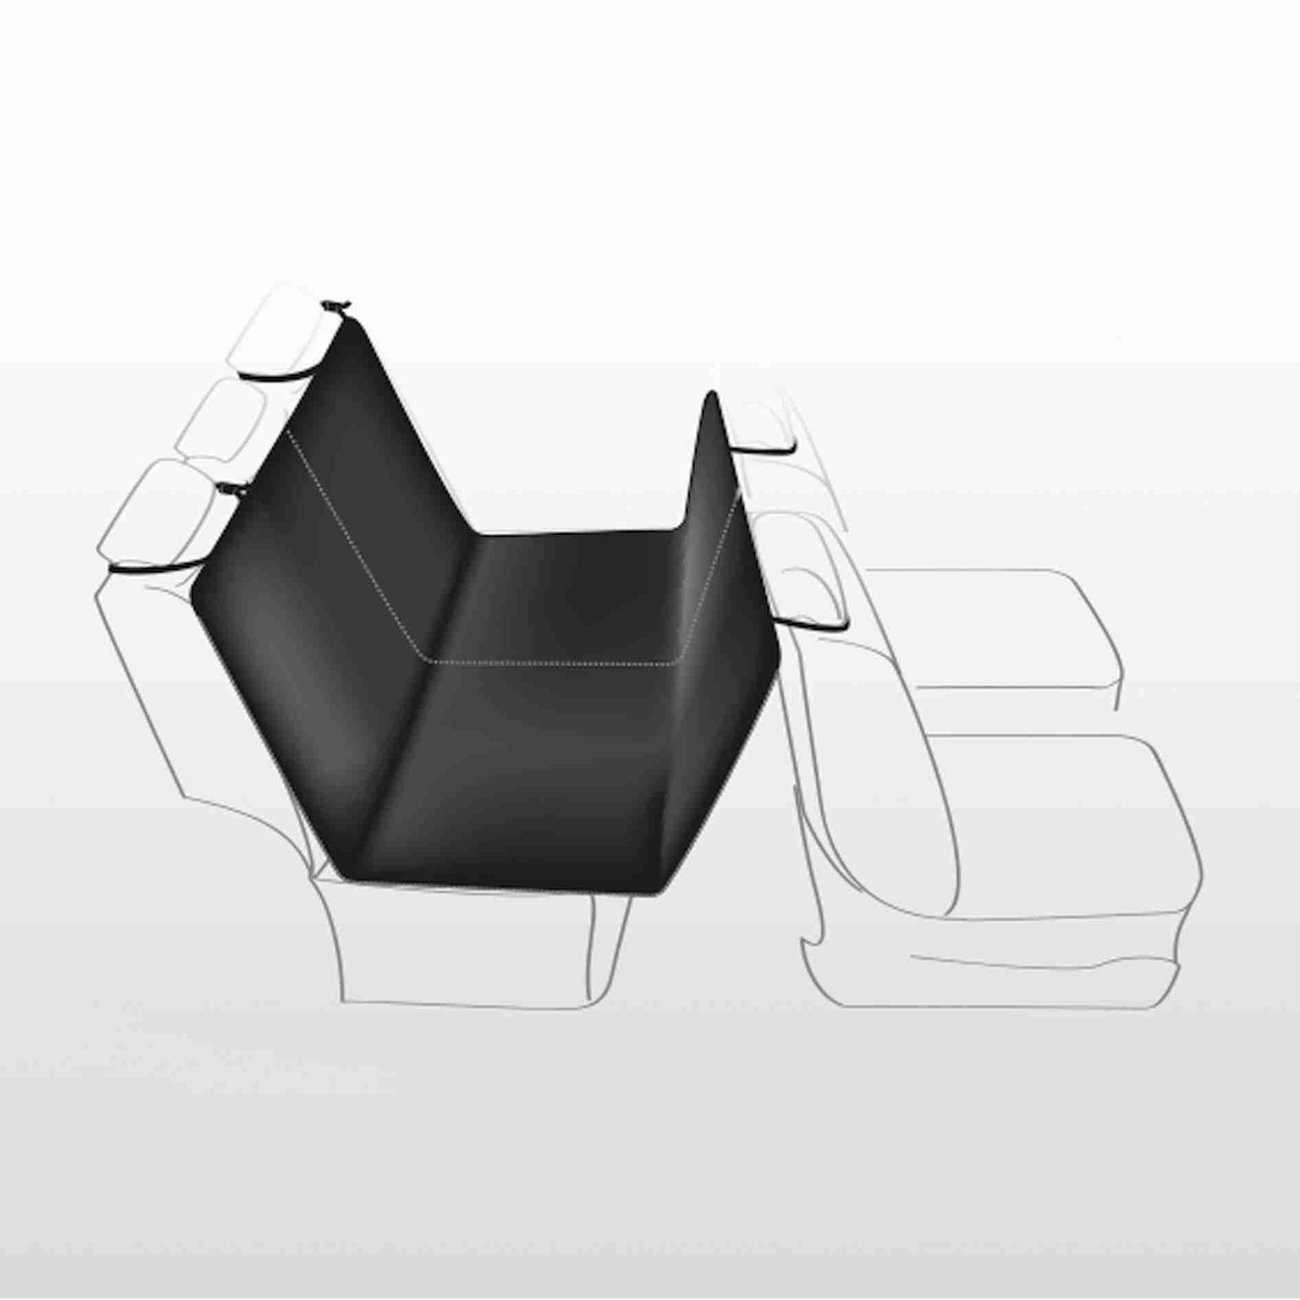 Auto Hundedecke mit Seitenteilen für Rücksitz Bild 3